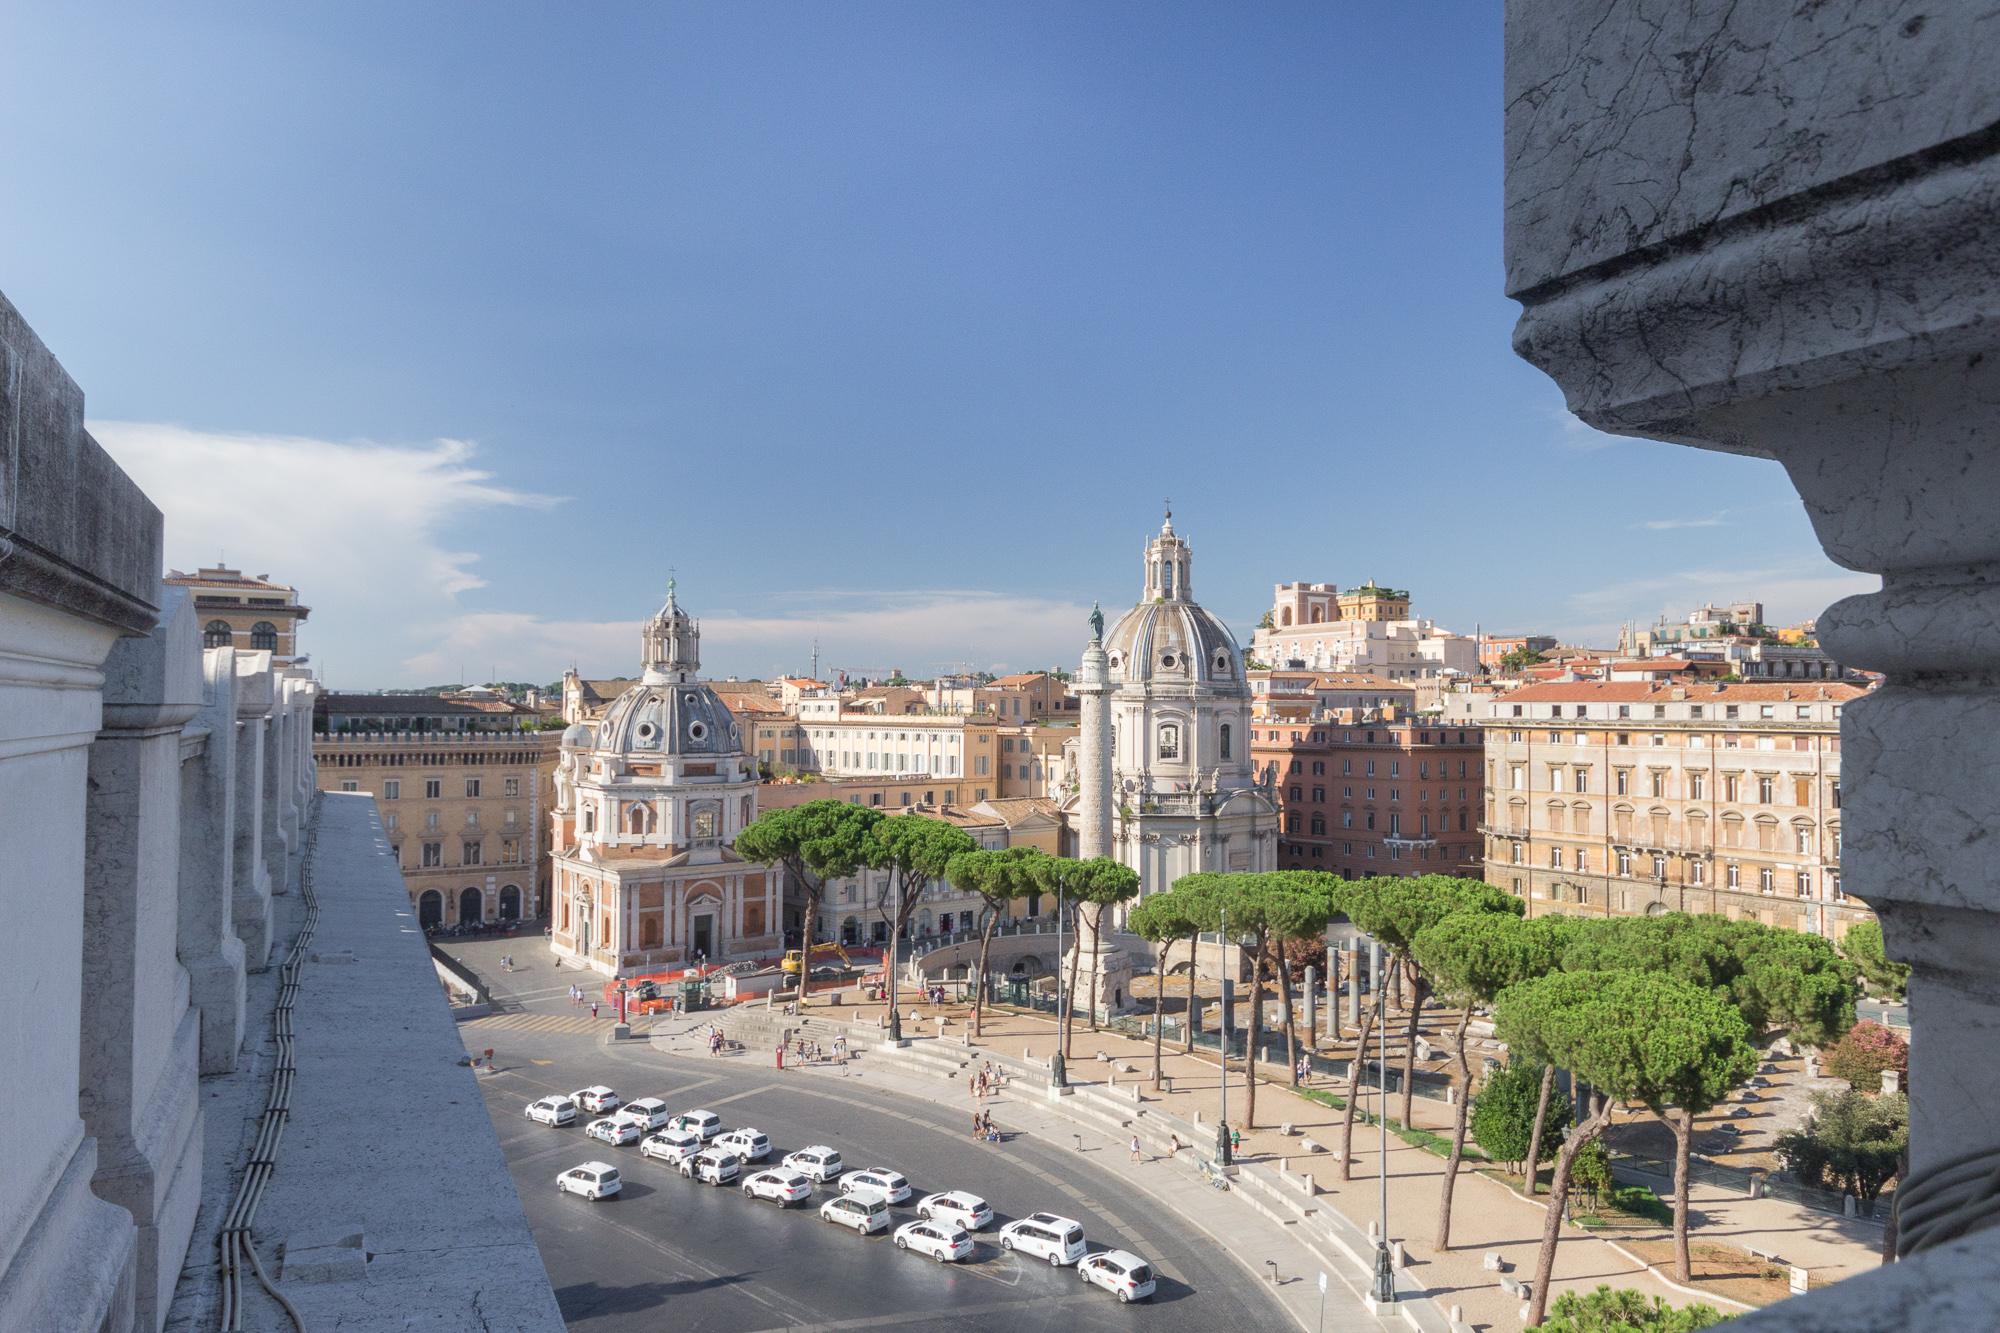 Vue sur la Piazza Venezia et les taxis blancs bien rangés depuis le monument à Victor-Emmanuel II, Rome, Italie